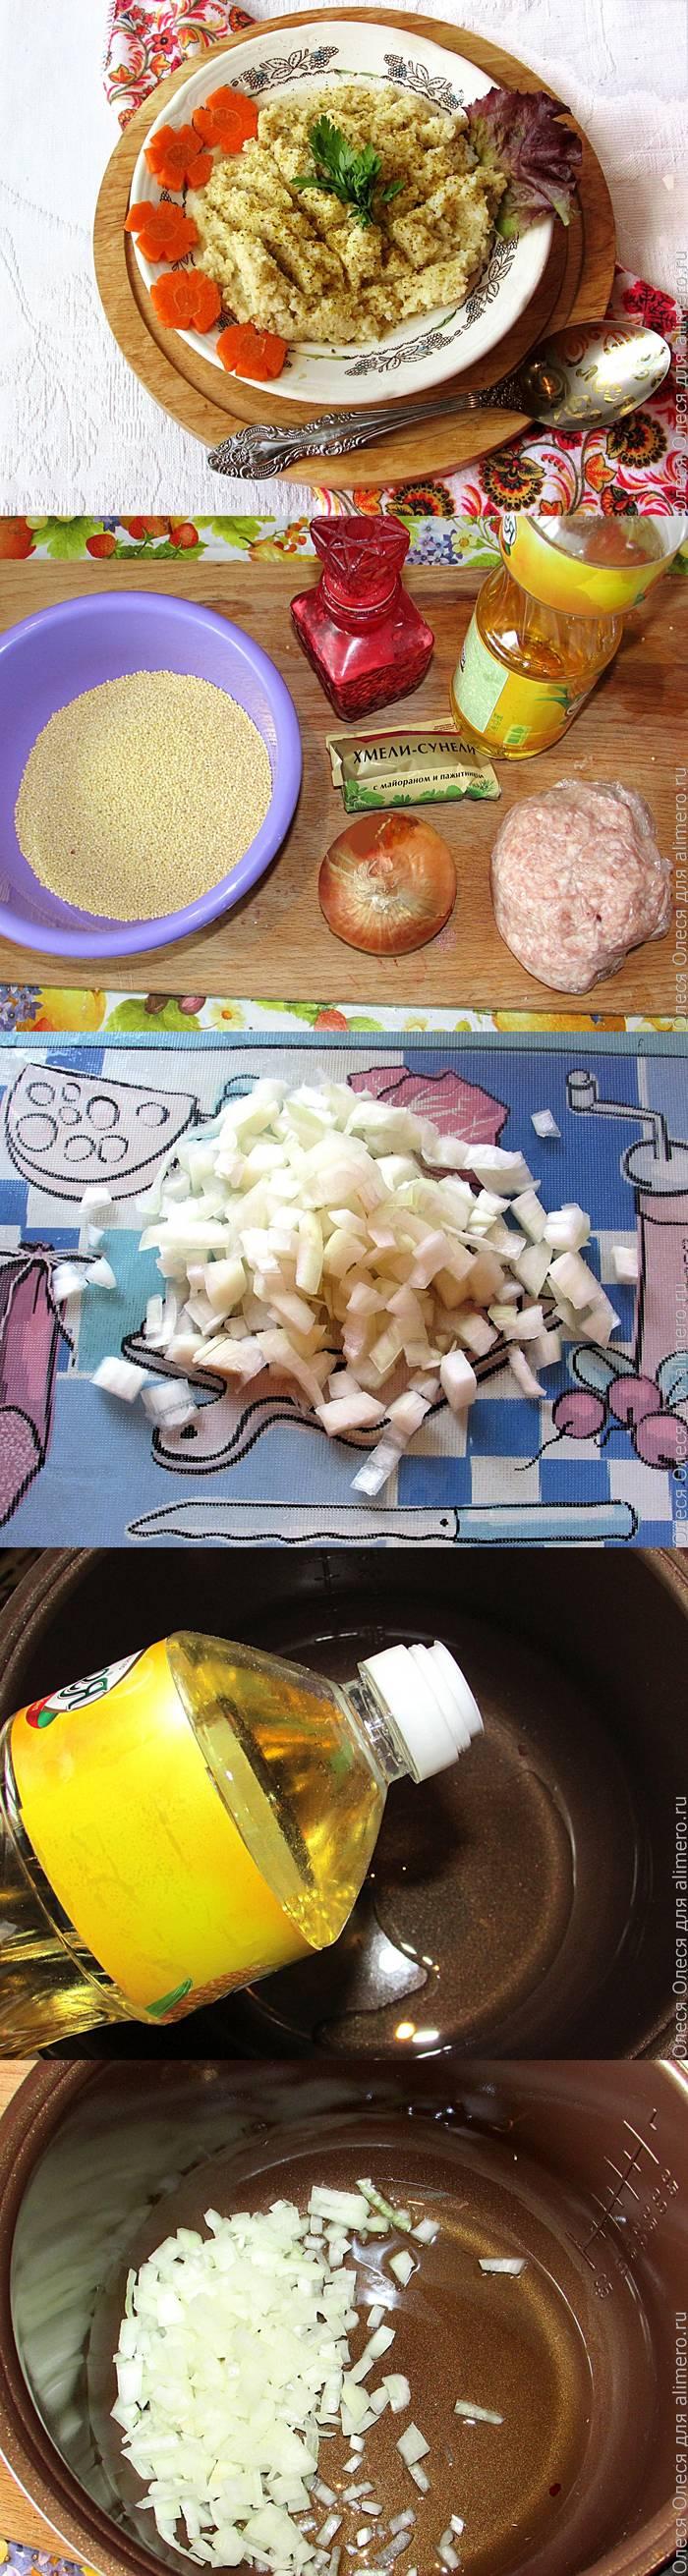 Пшенная каша с мясом рецепт в мультиварке